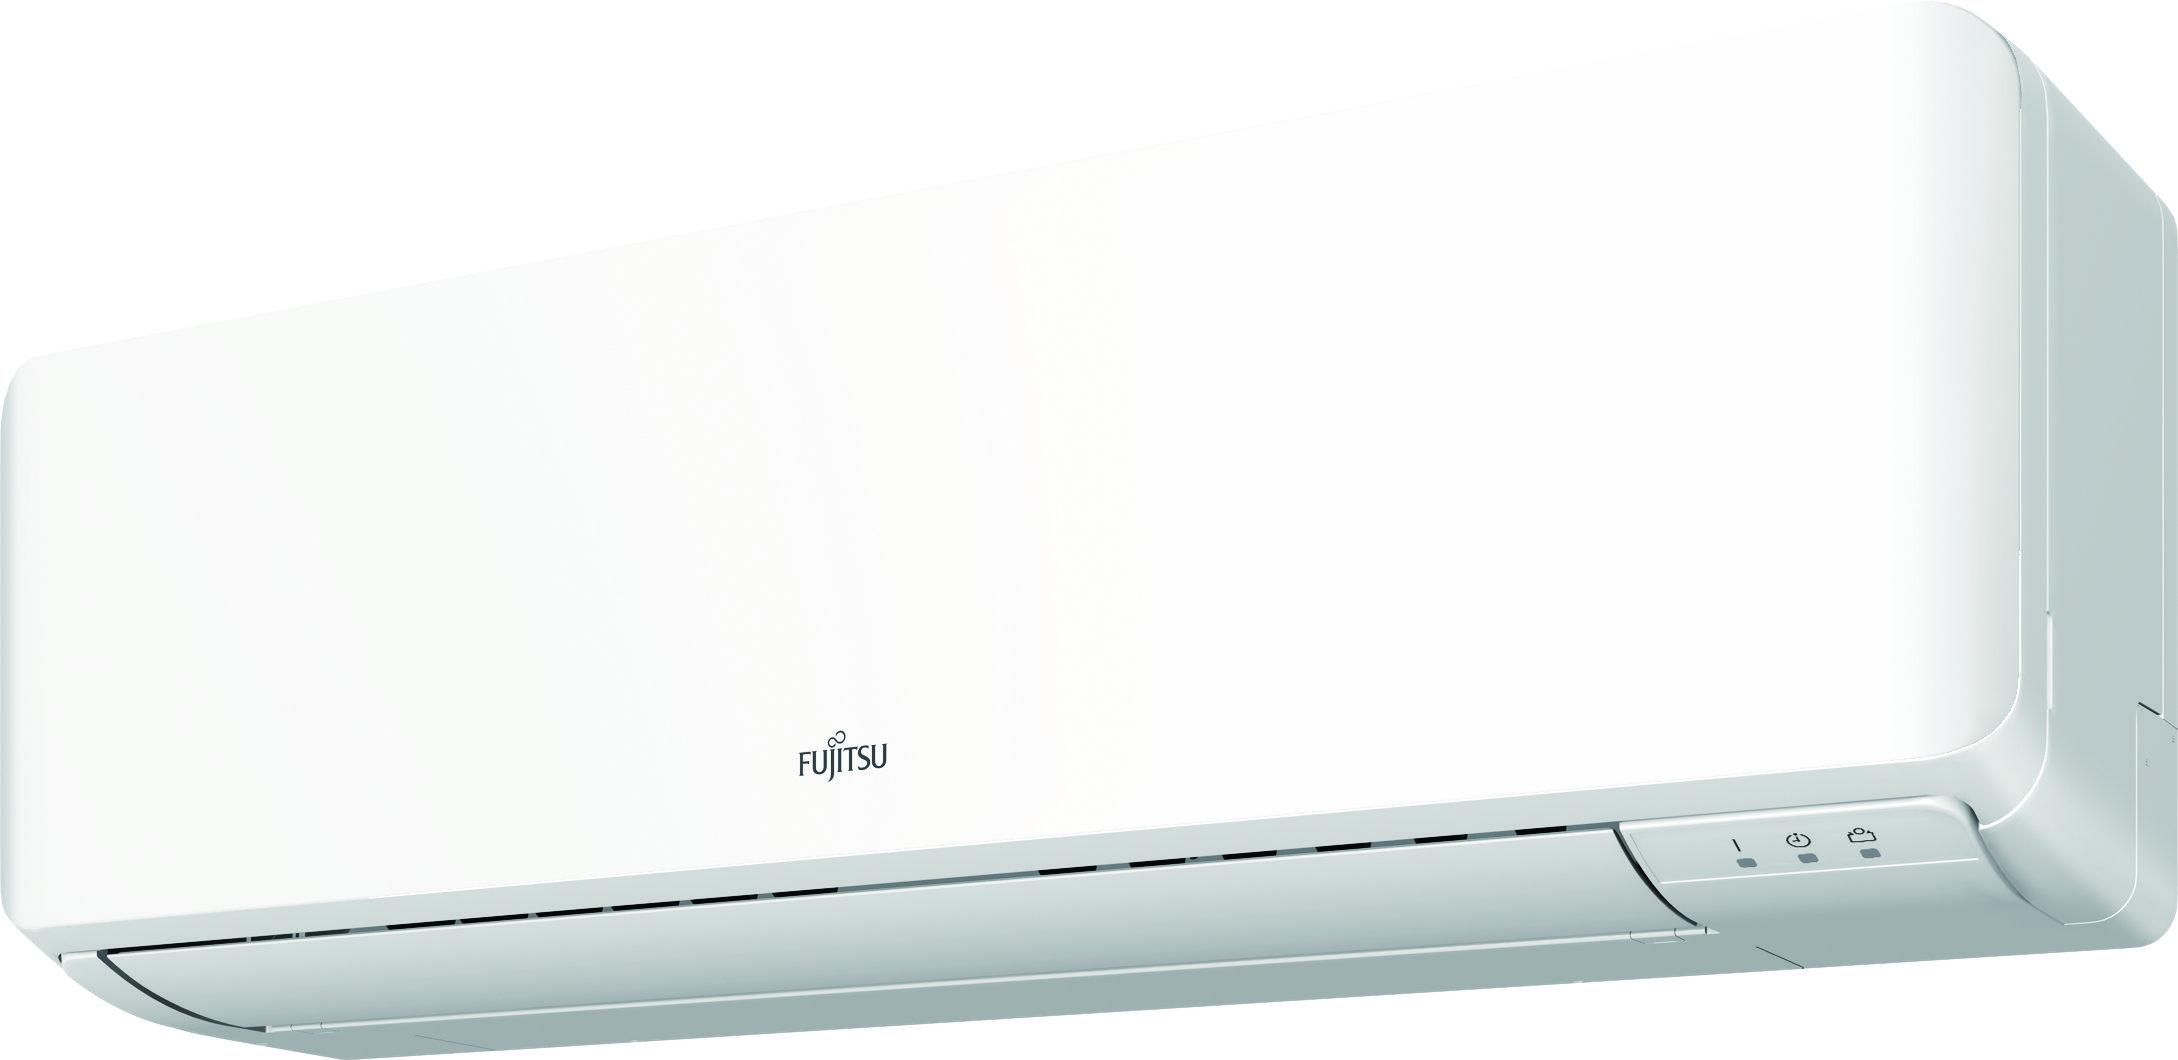 Fujitsu Κλιματιστικό Τοίχου KMCC 09kBtu/h